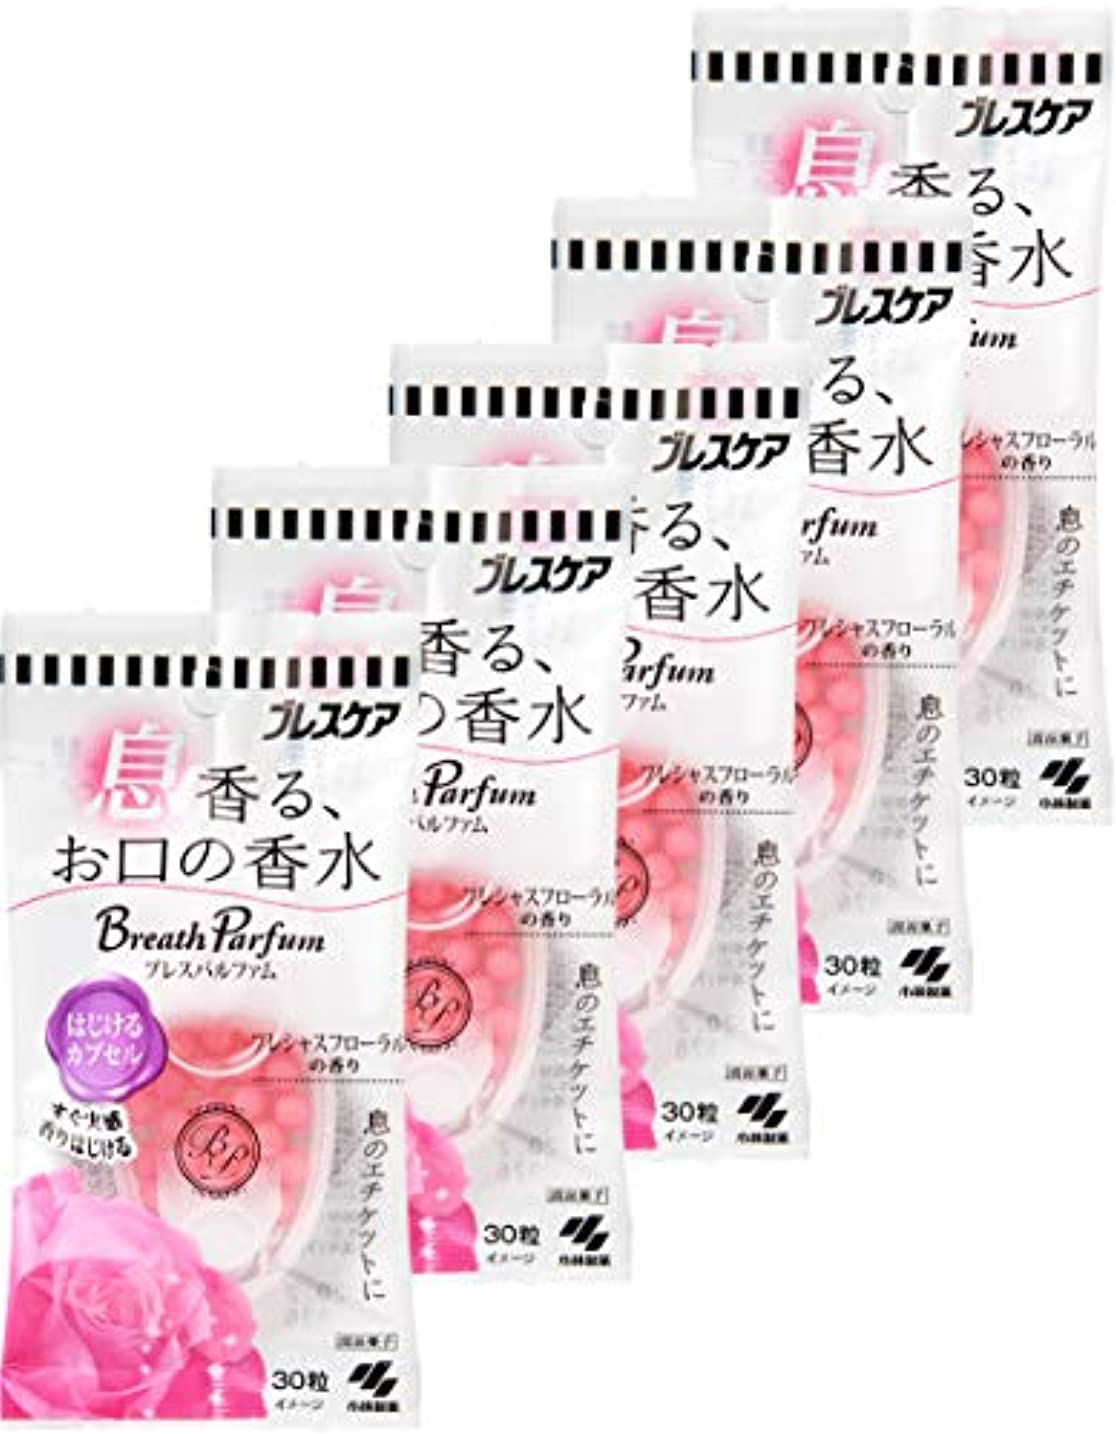 シングル和解する持ってる【まとめ買い】小林製薬 ブレスケア ブレスパルファム はじけるカプセルプレシャスフローラルの香り 30粒×5個